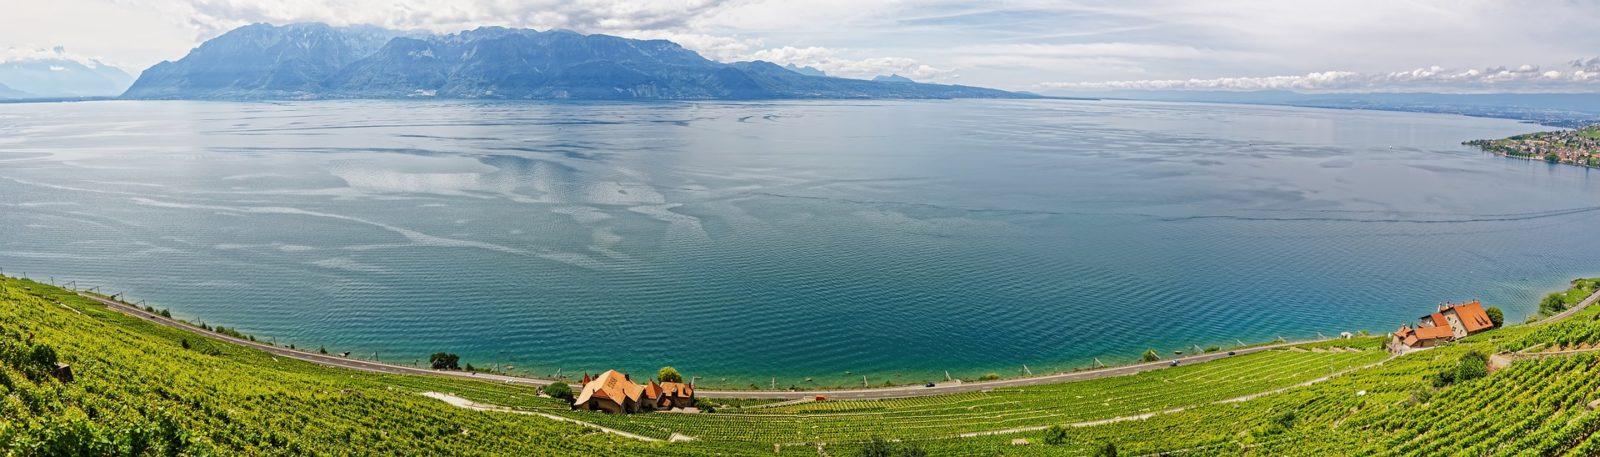 Les vins suisses souffrent-ils  d'un déficit de promotion ?